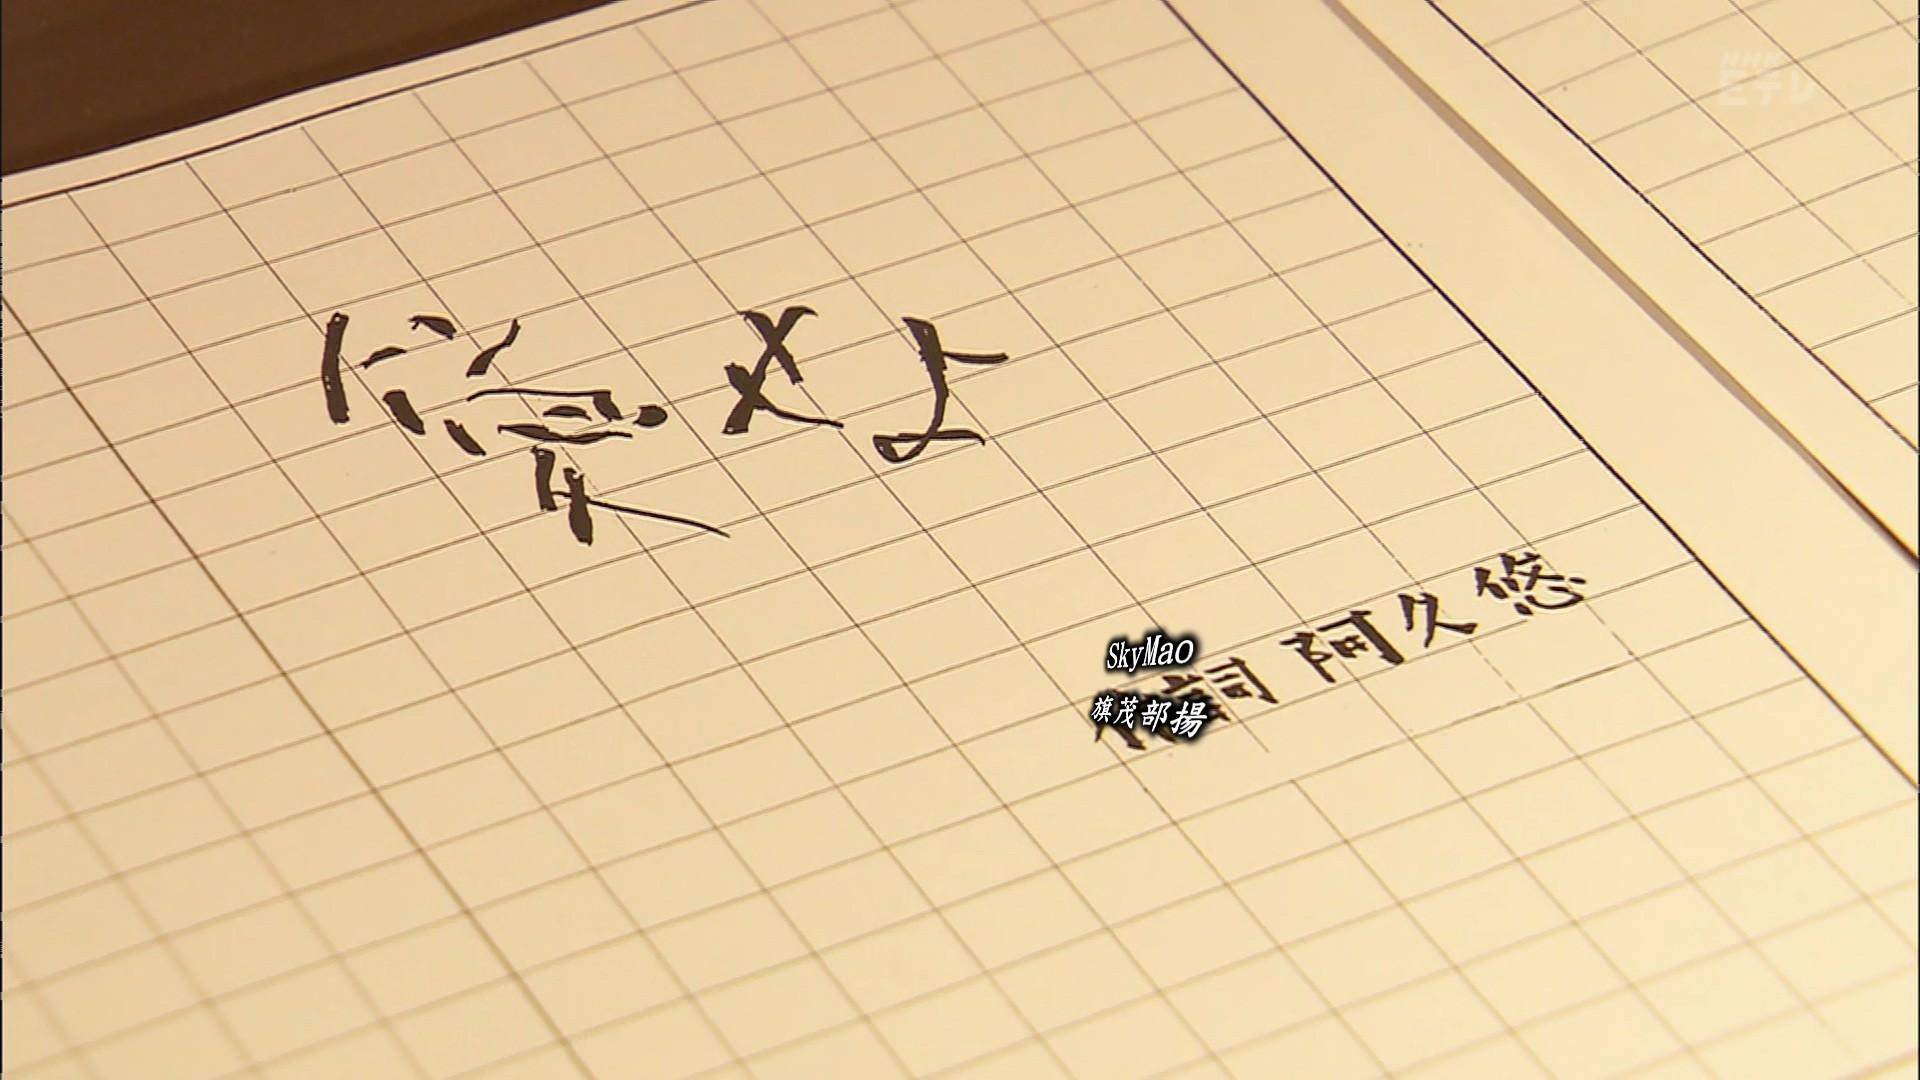 2017.09.23 全場(いきものがかり水野良樹の阿久悠をめぐる対話).ts_20170924_024732.338